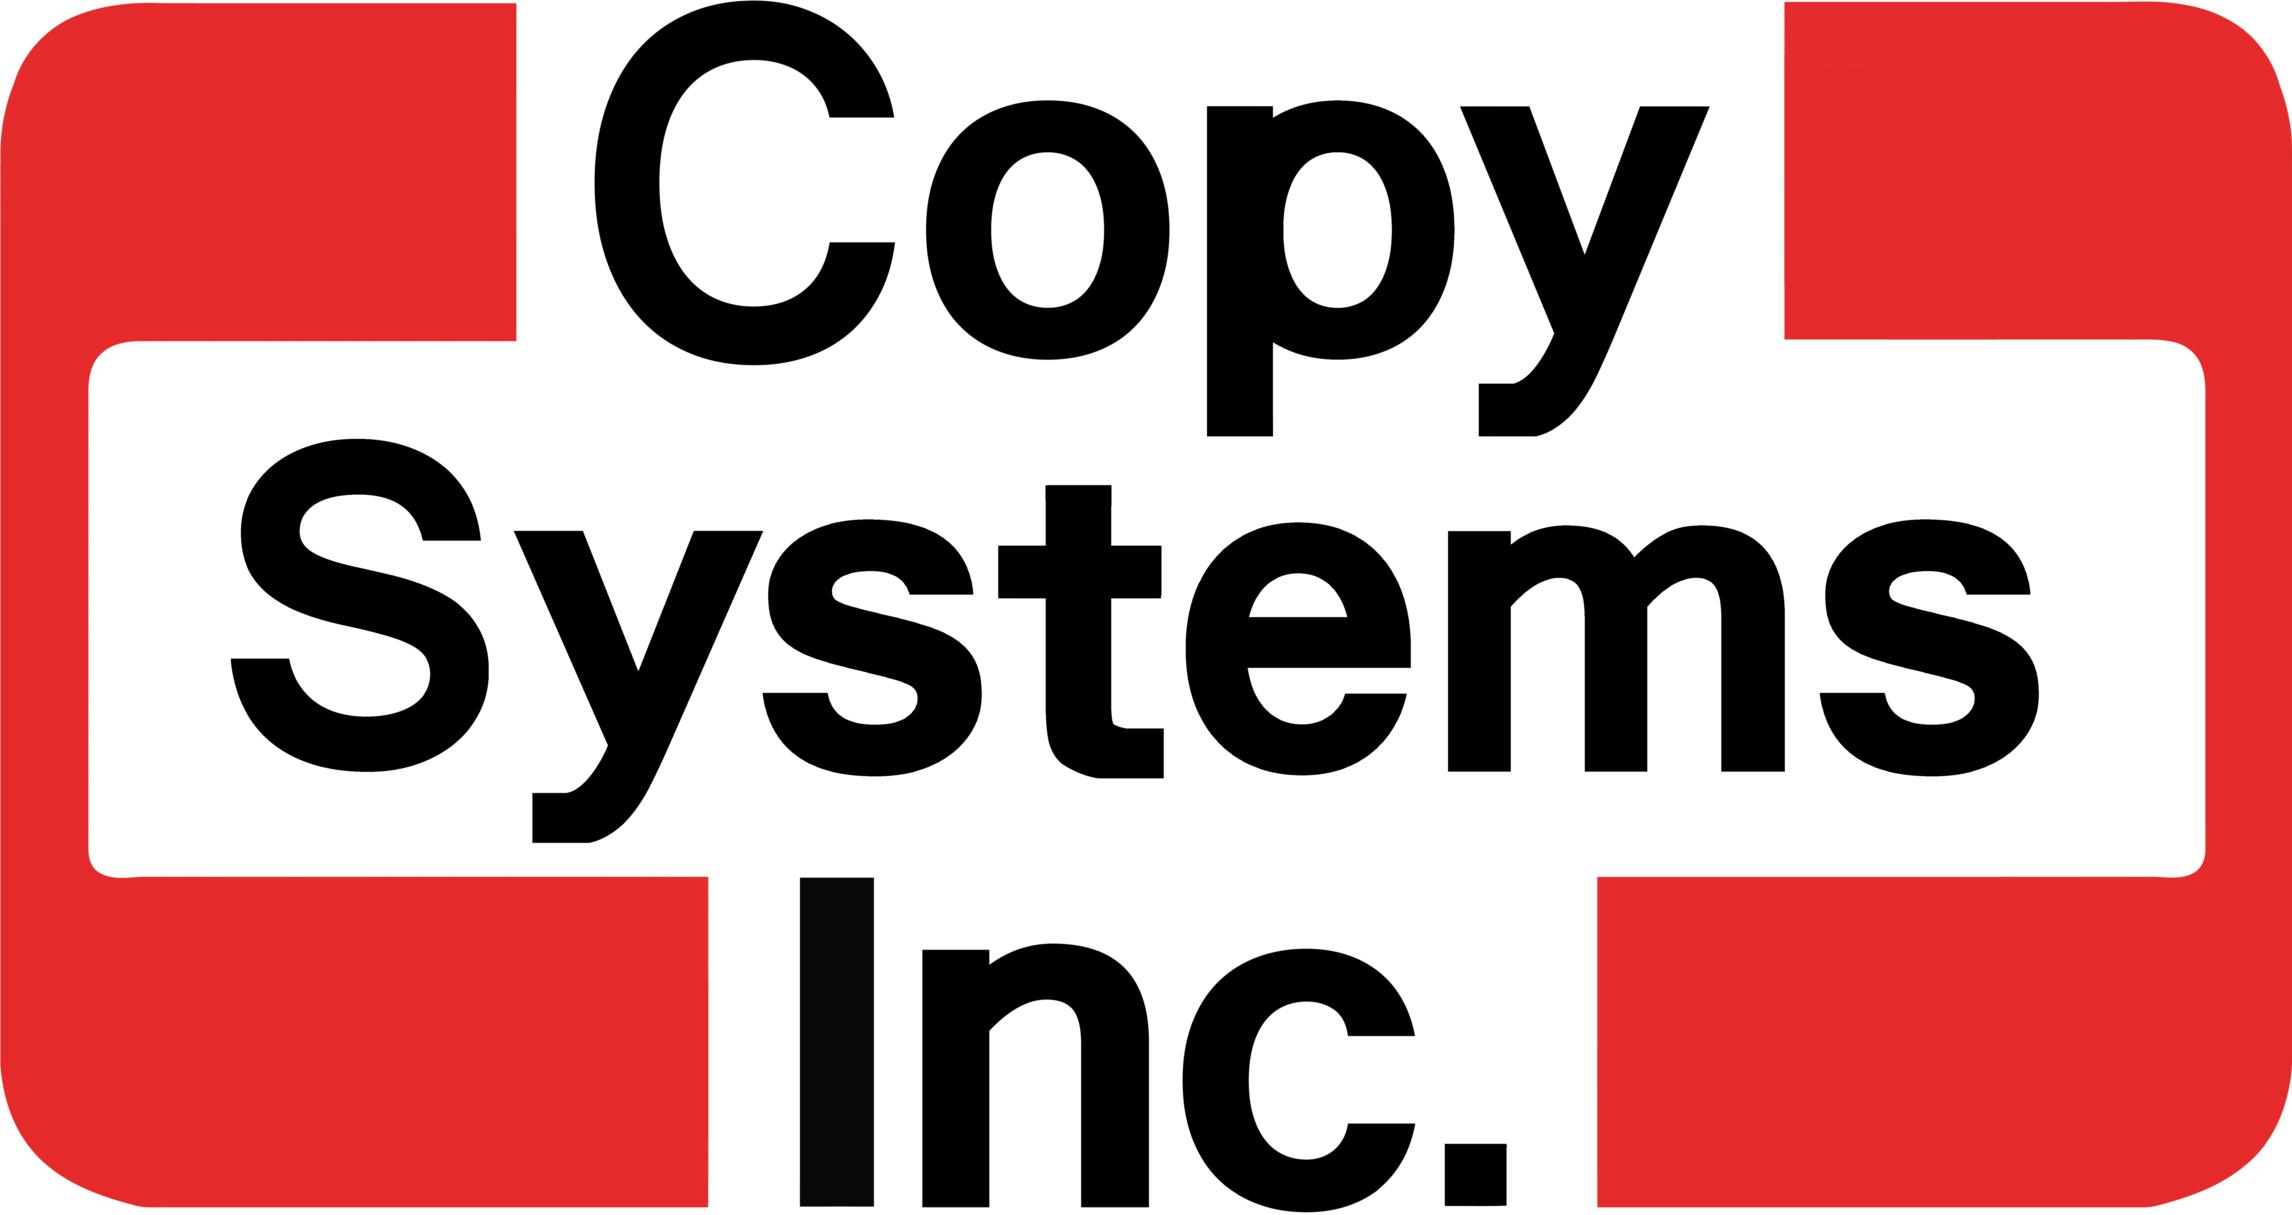 Copy Systems Company Logo